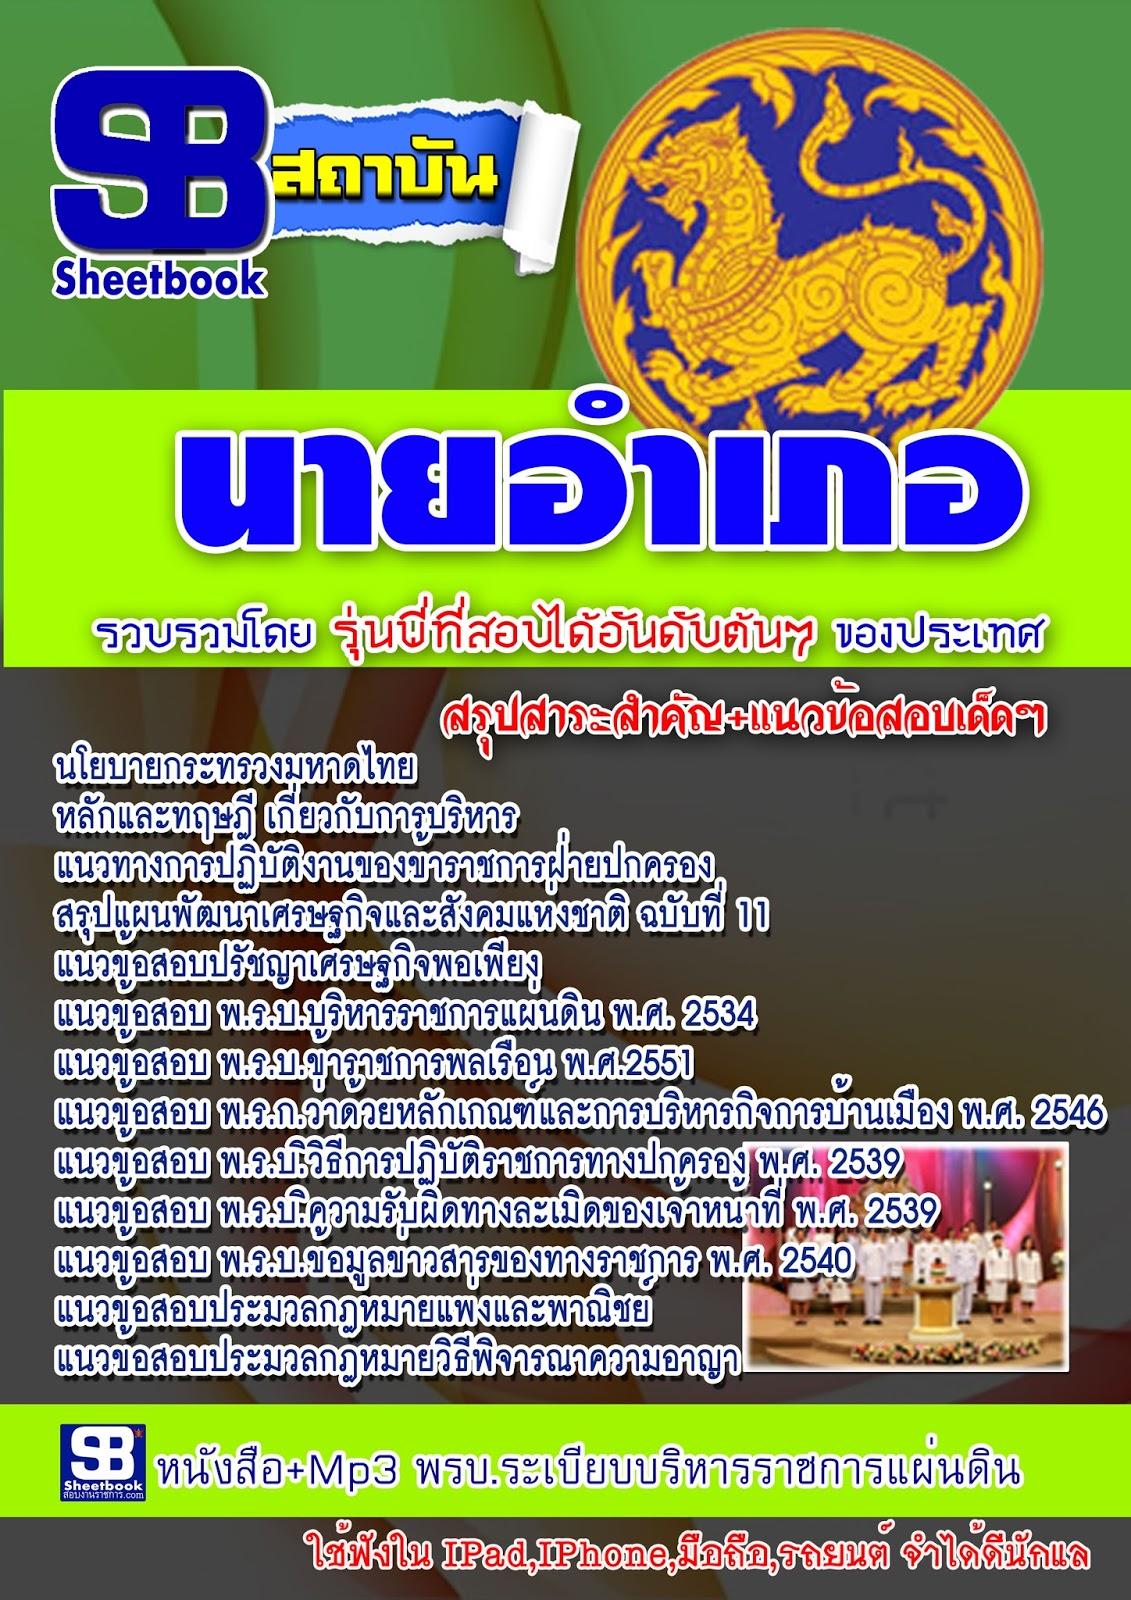 แนวข้อสอบนายอำเภอ กระทรวงมหาดไทย ปี2560